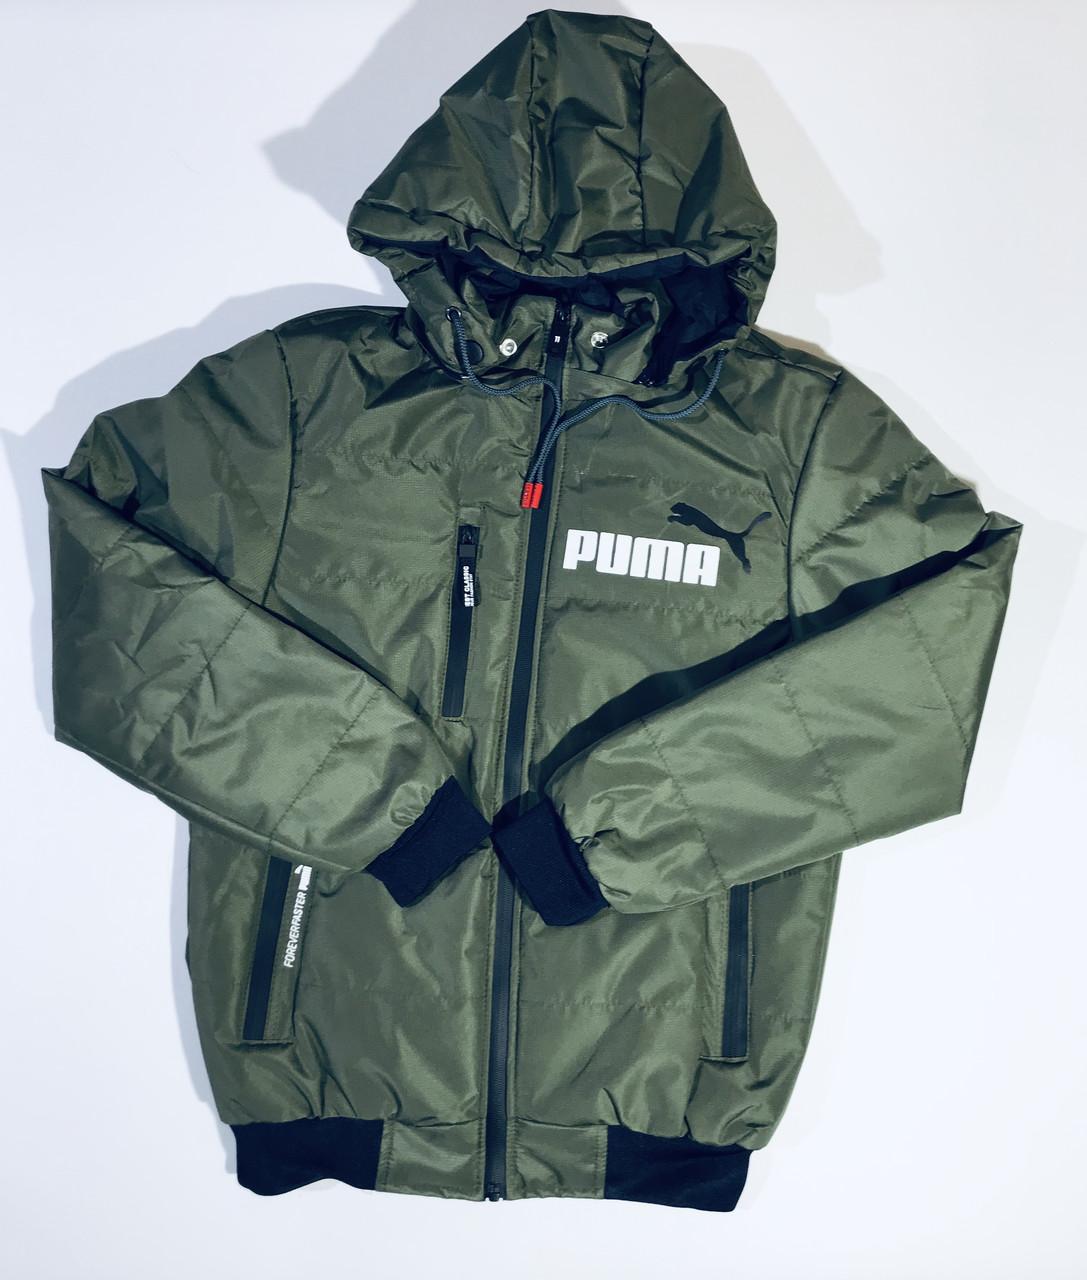 Мужская демисезонная куртка Puma, фото 1